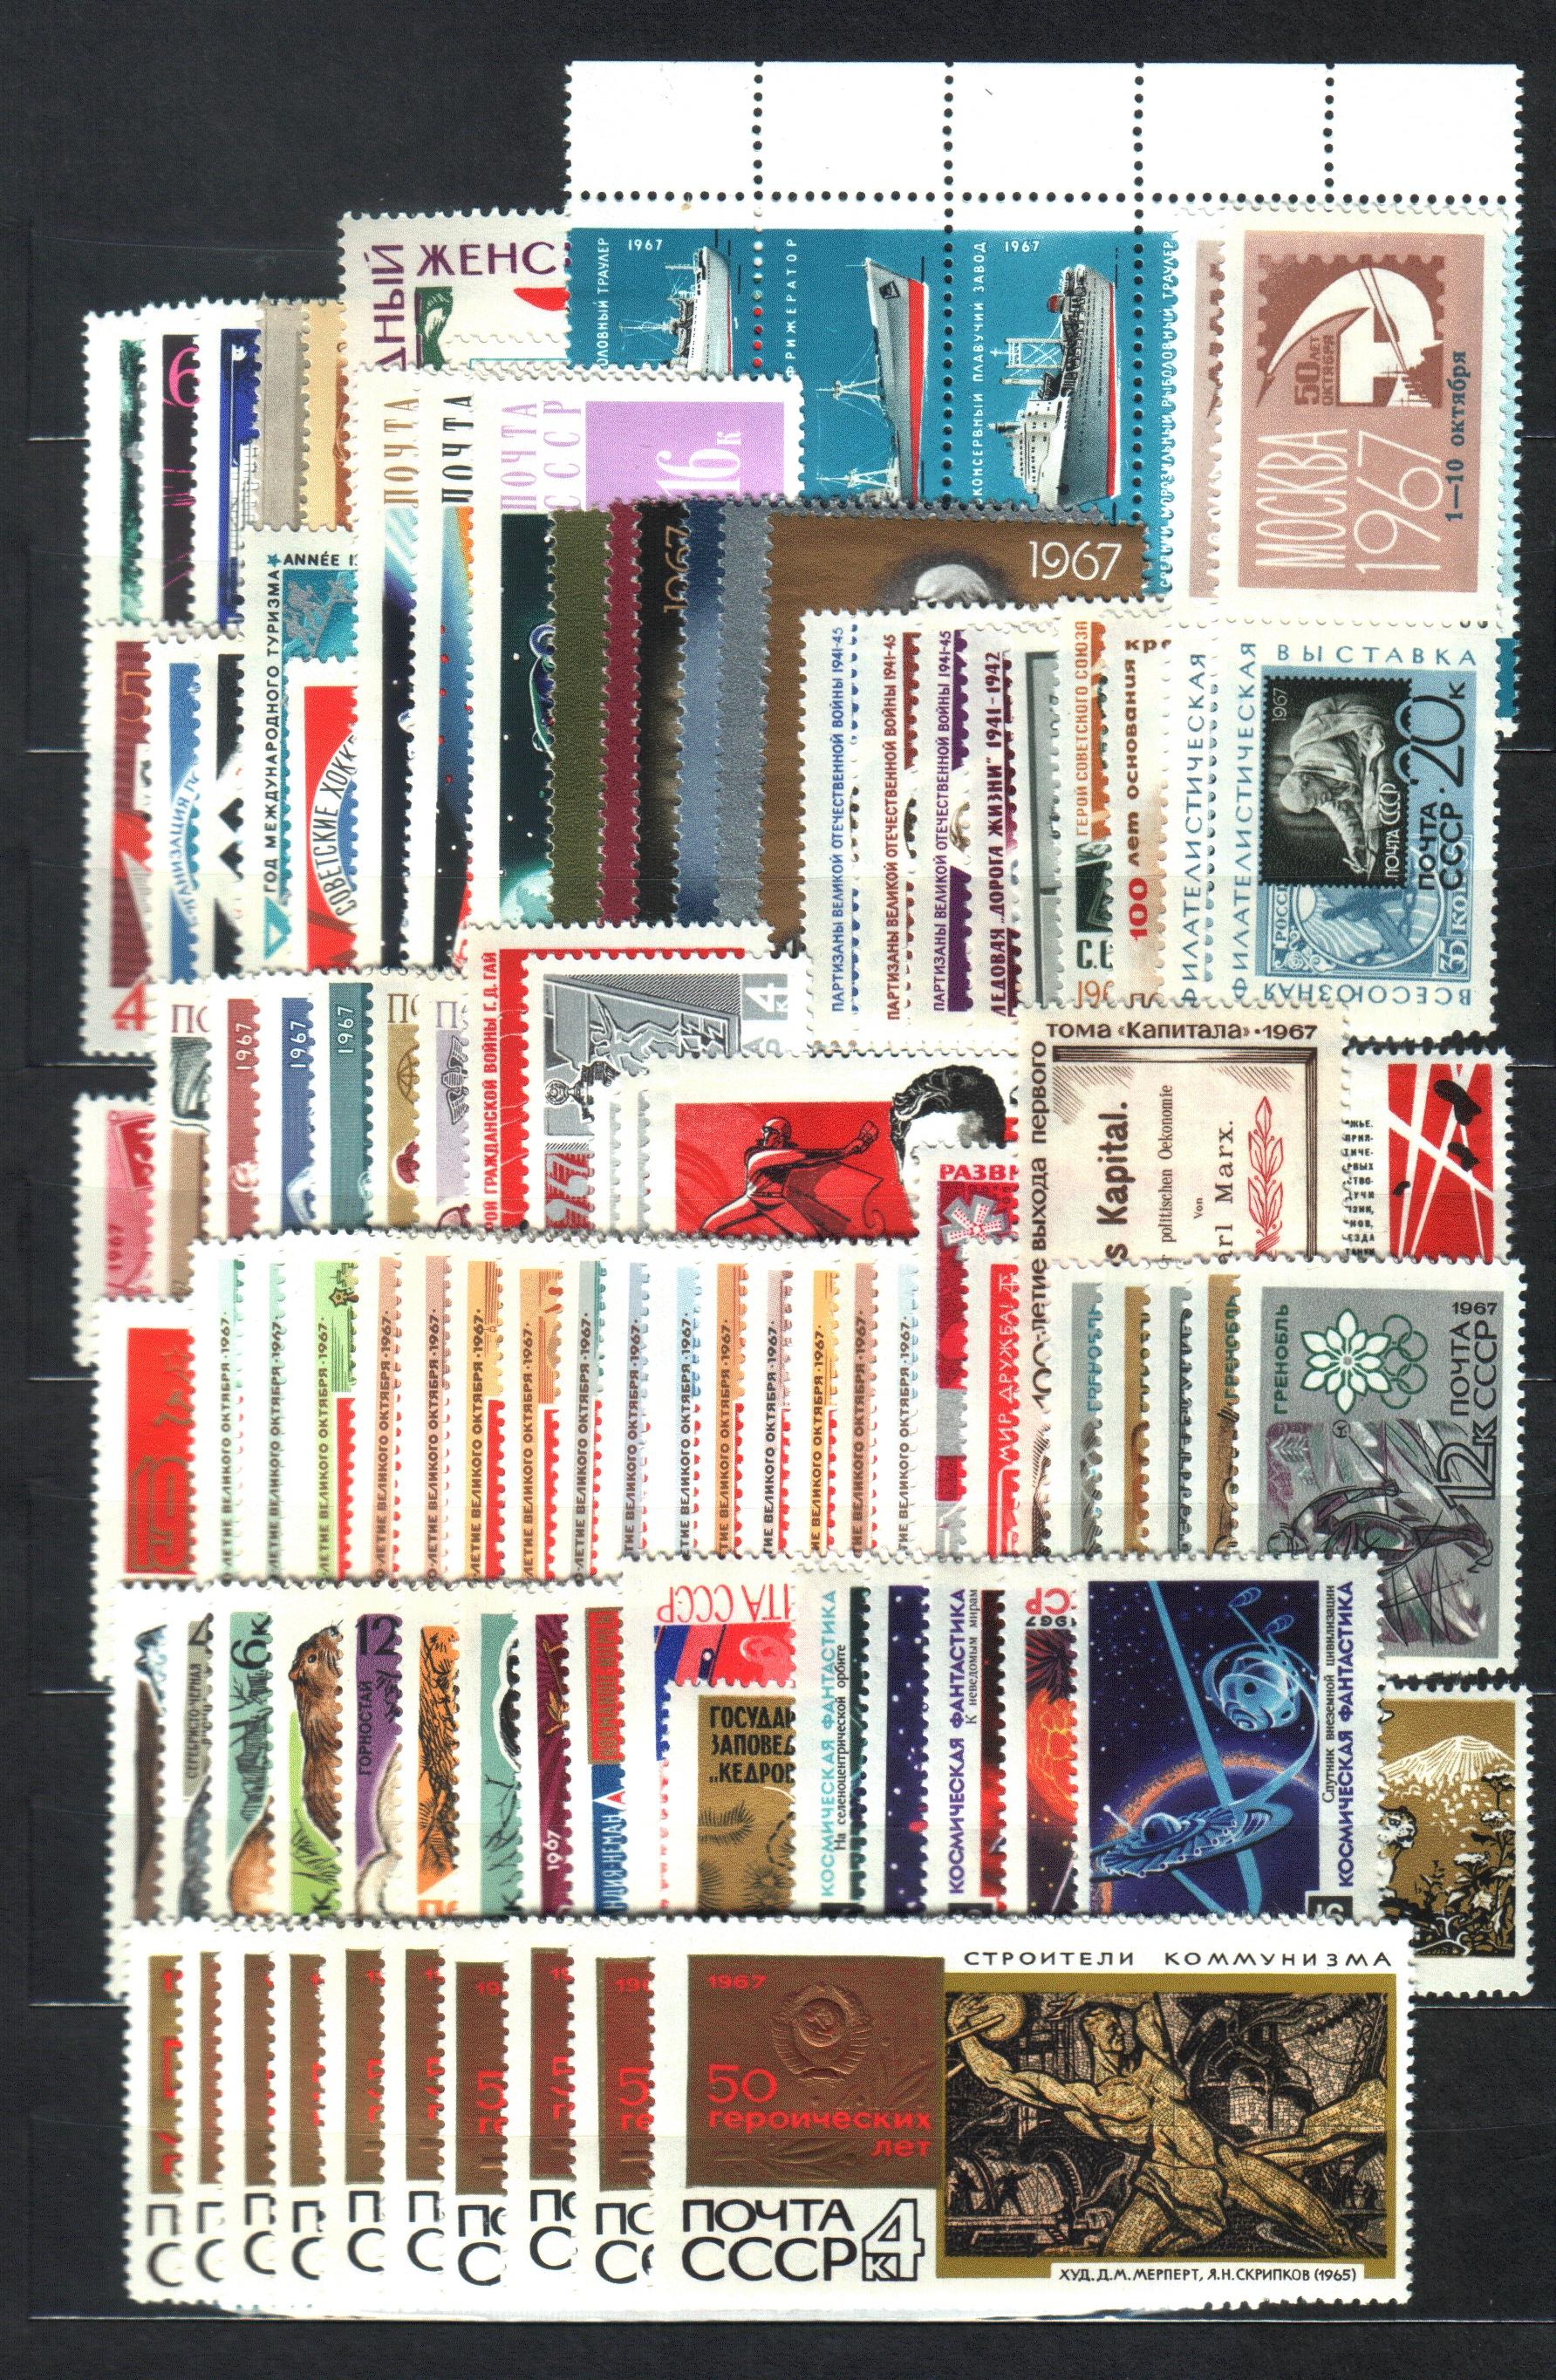 Годовой набор почтовых марок СССР 1967 год, 131 почтовая марка, 5 почтовых блоков